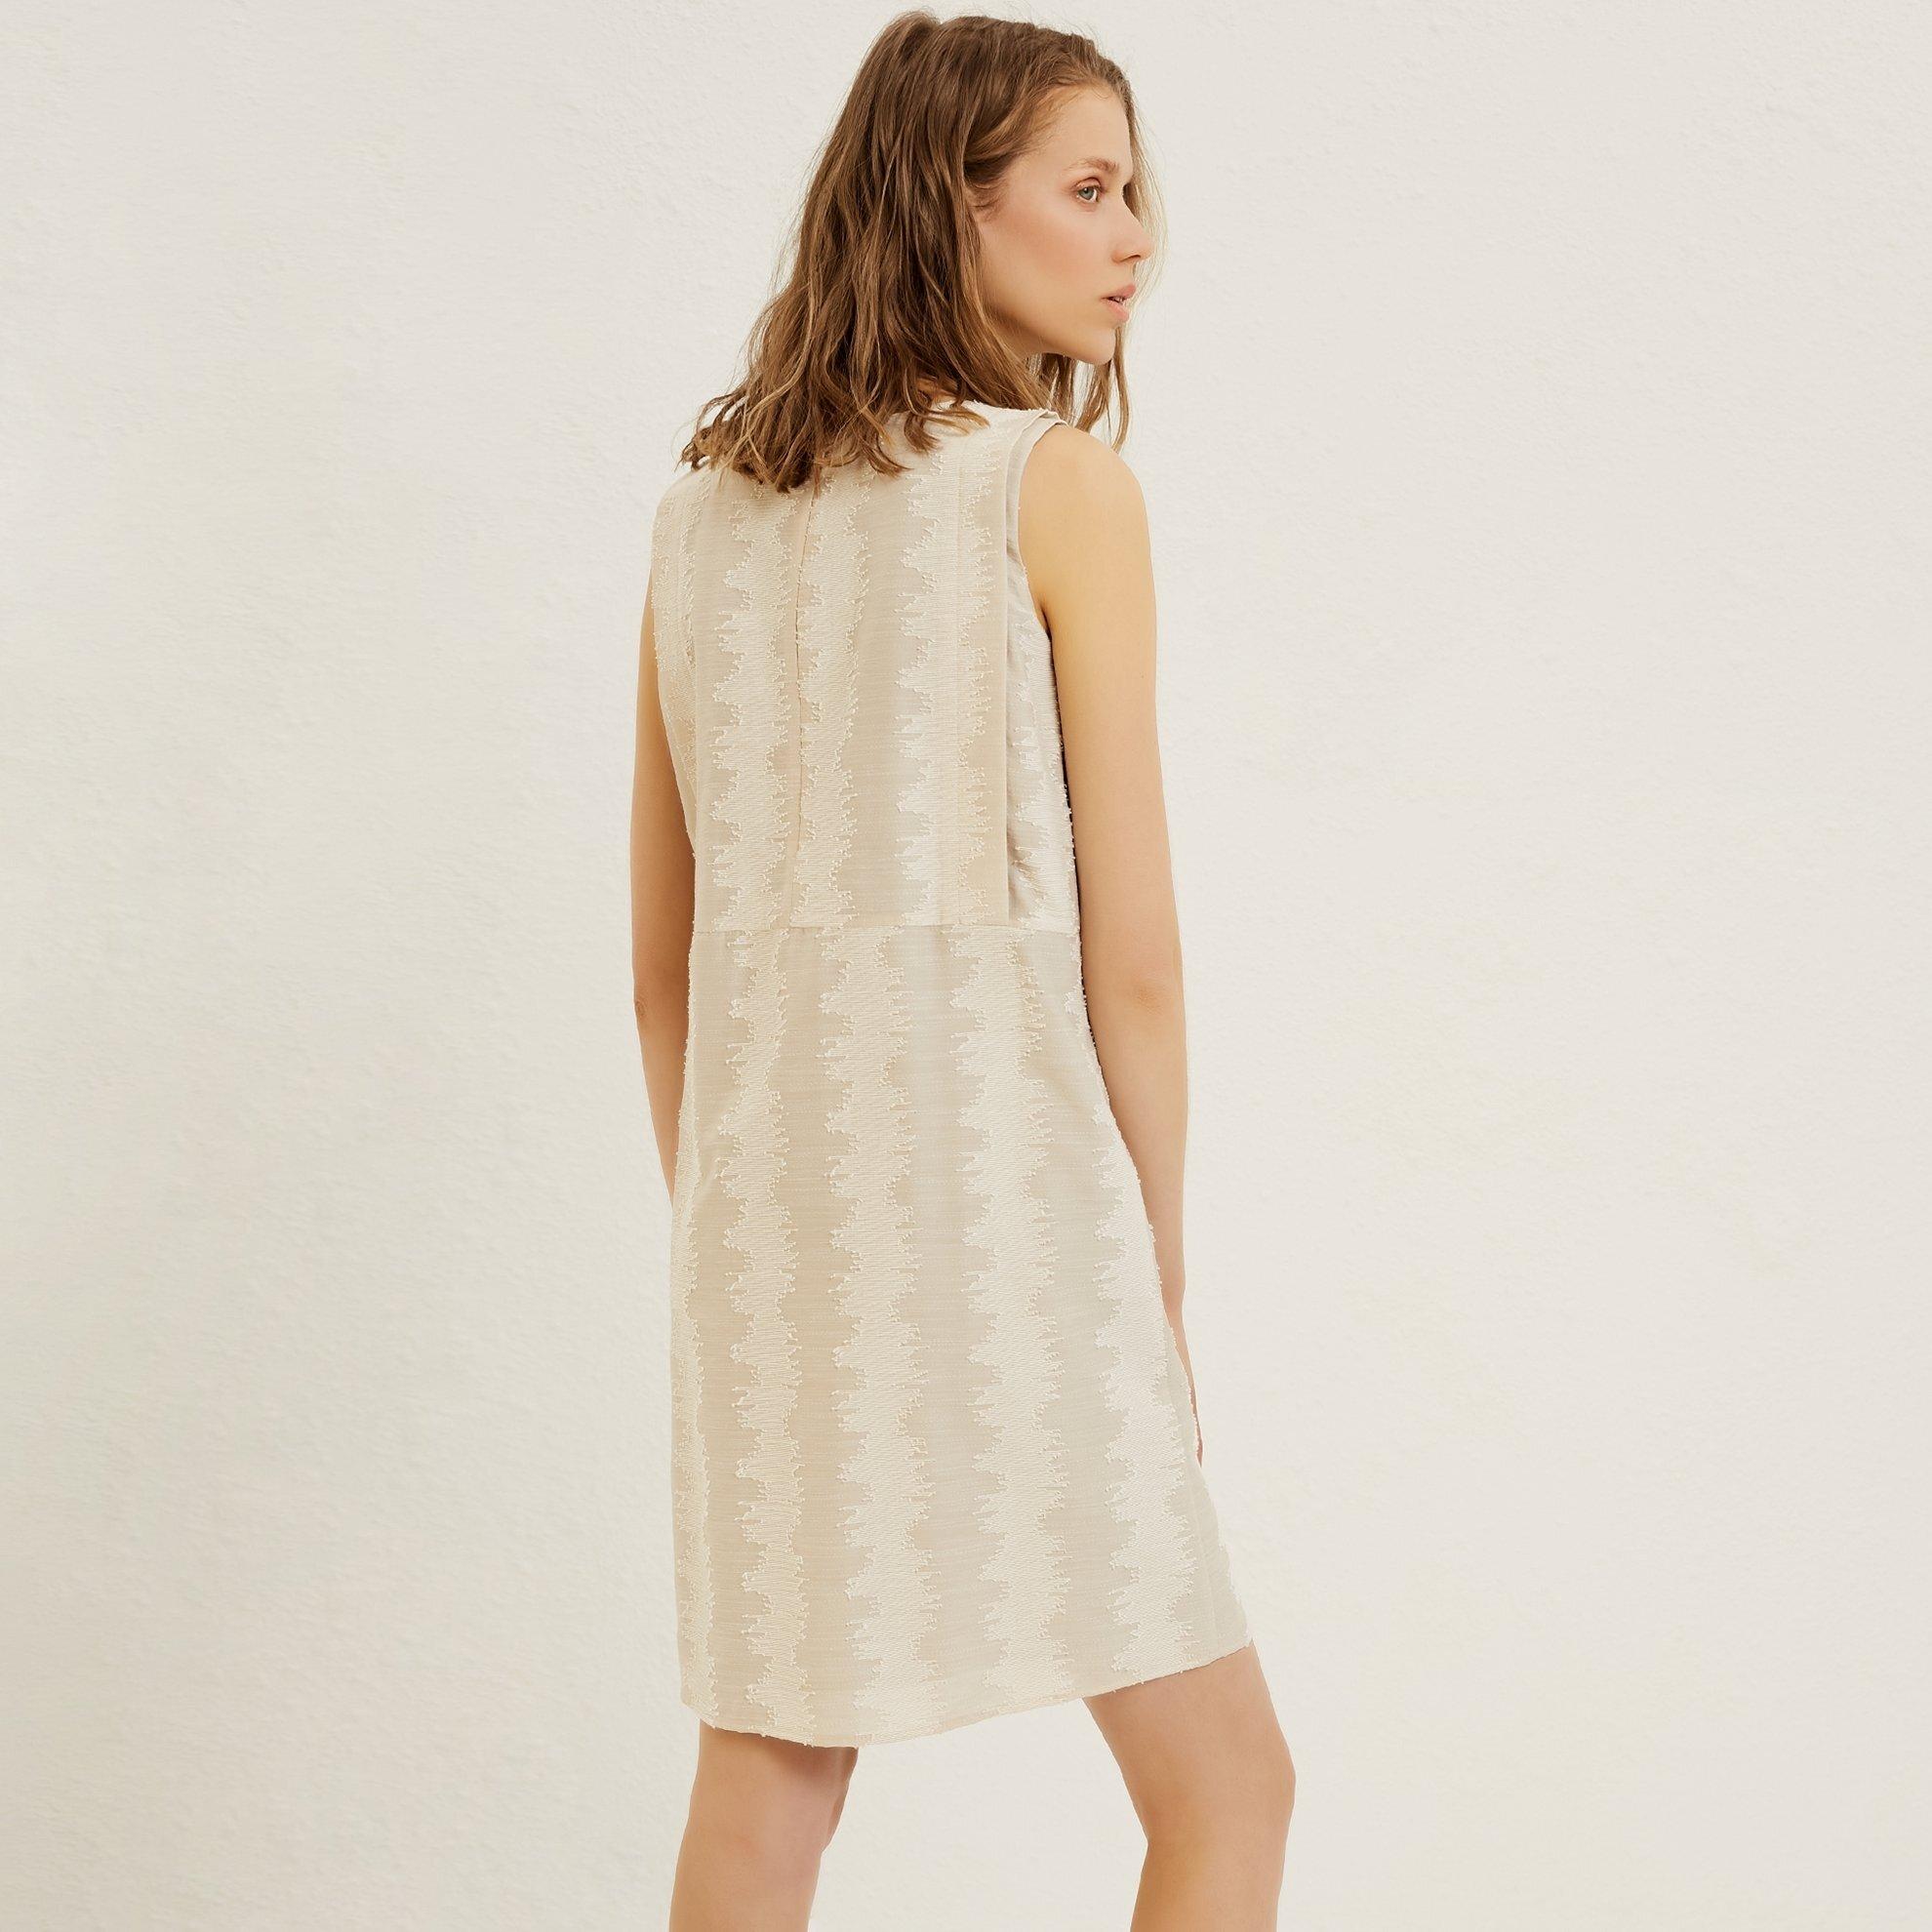 Knielanges Kleid mit Schulterdetail